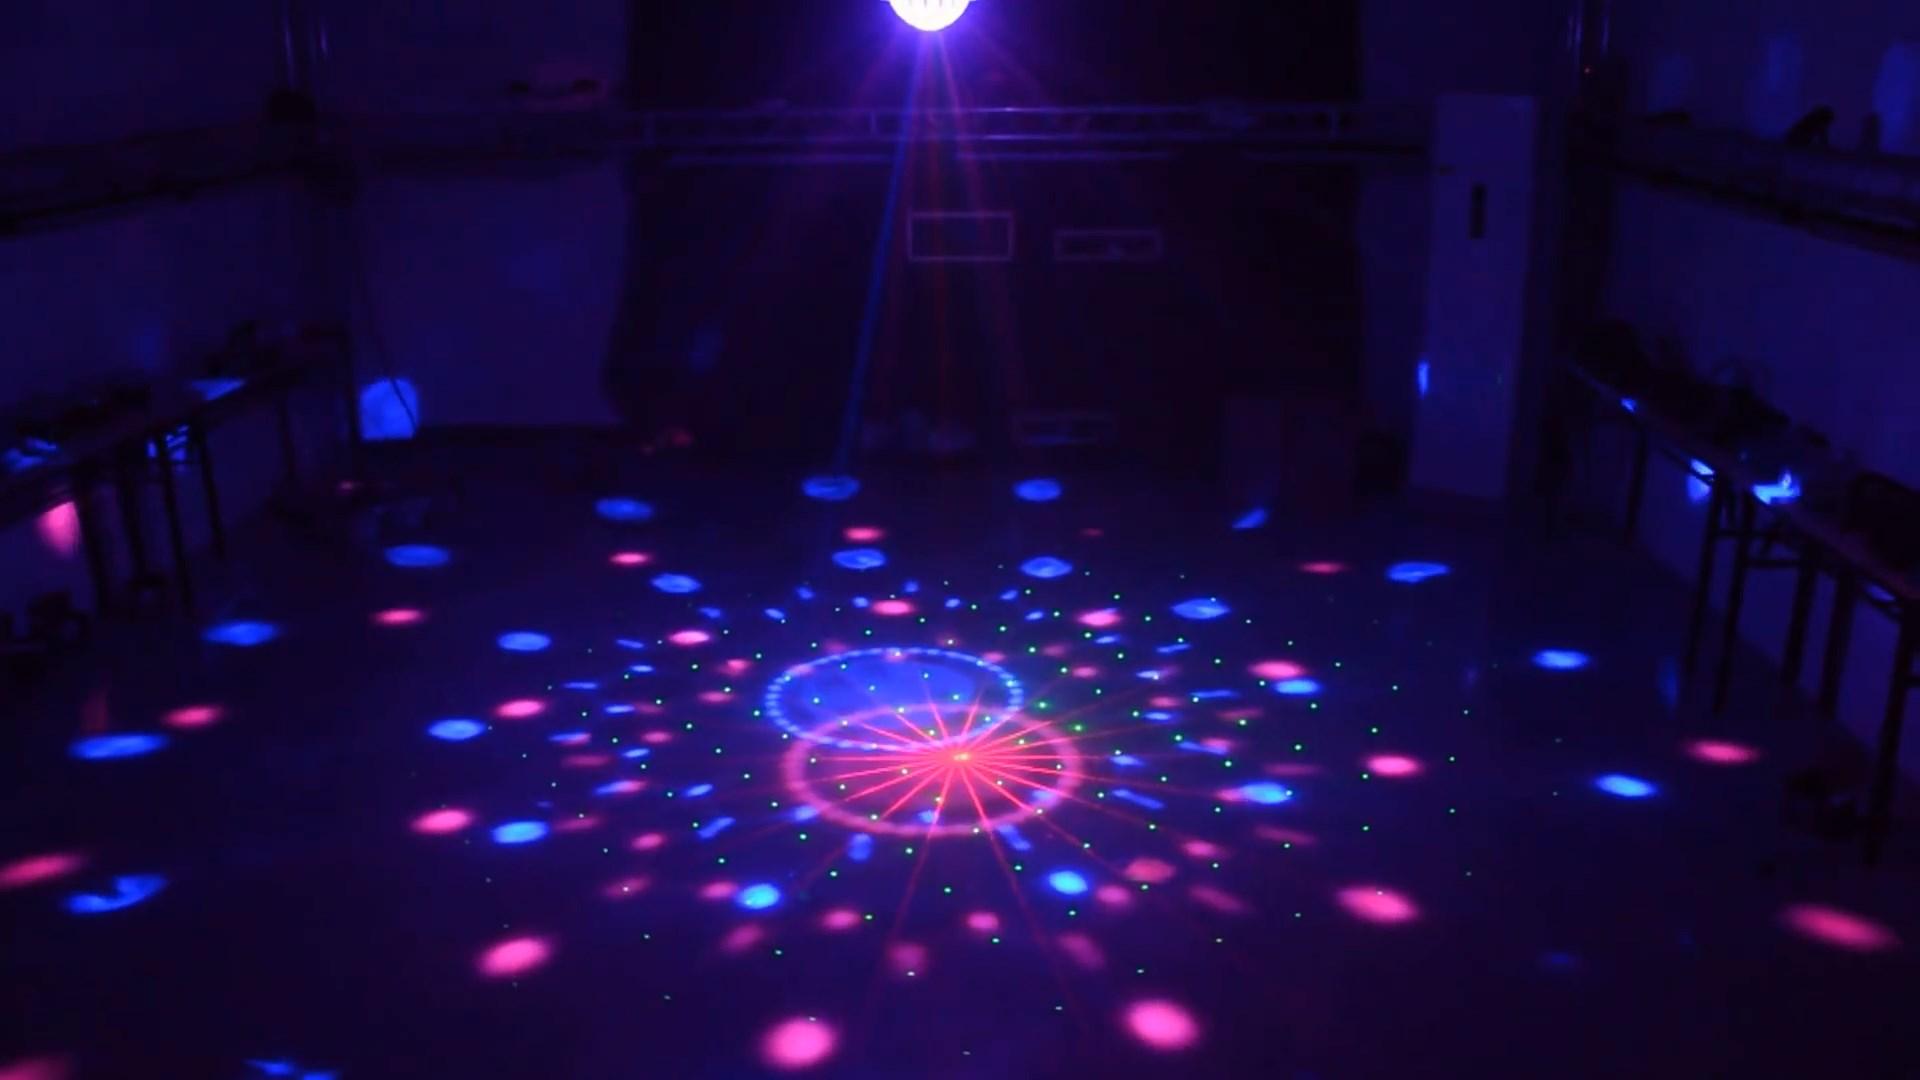 Đèn nấm chiếu các tia sáng kết hợp từ đèn laser và đèn LED